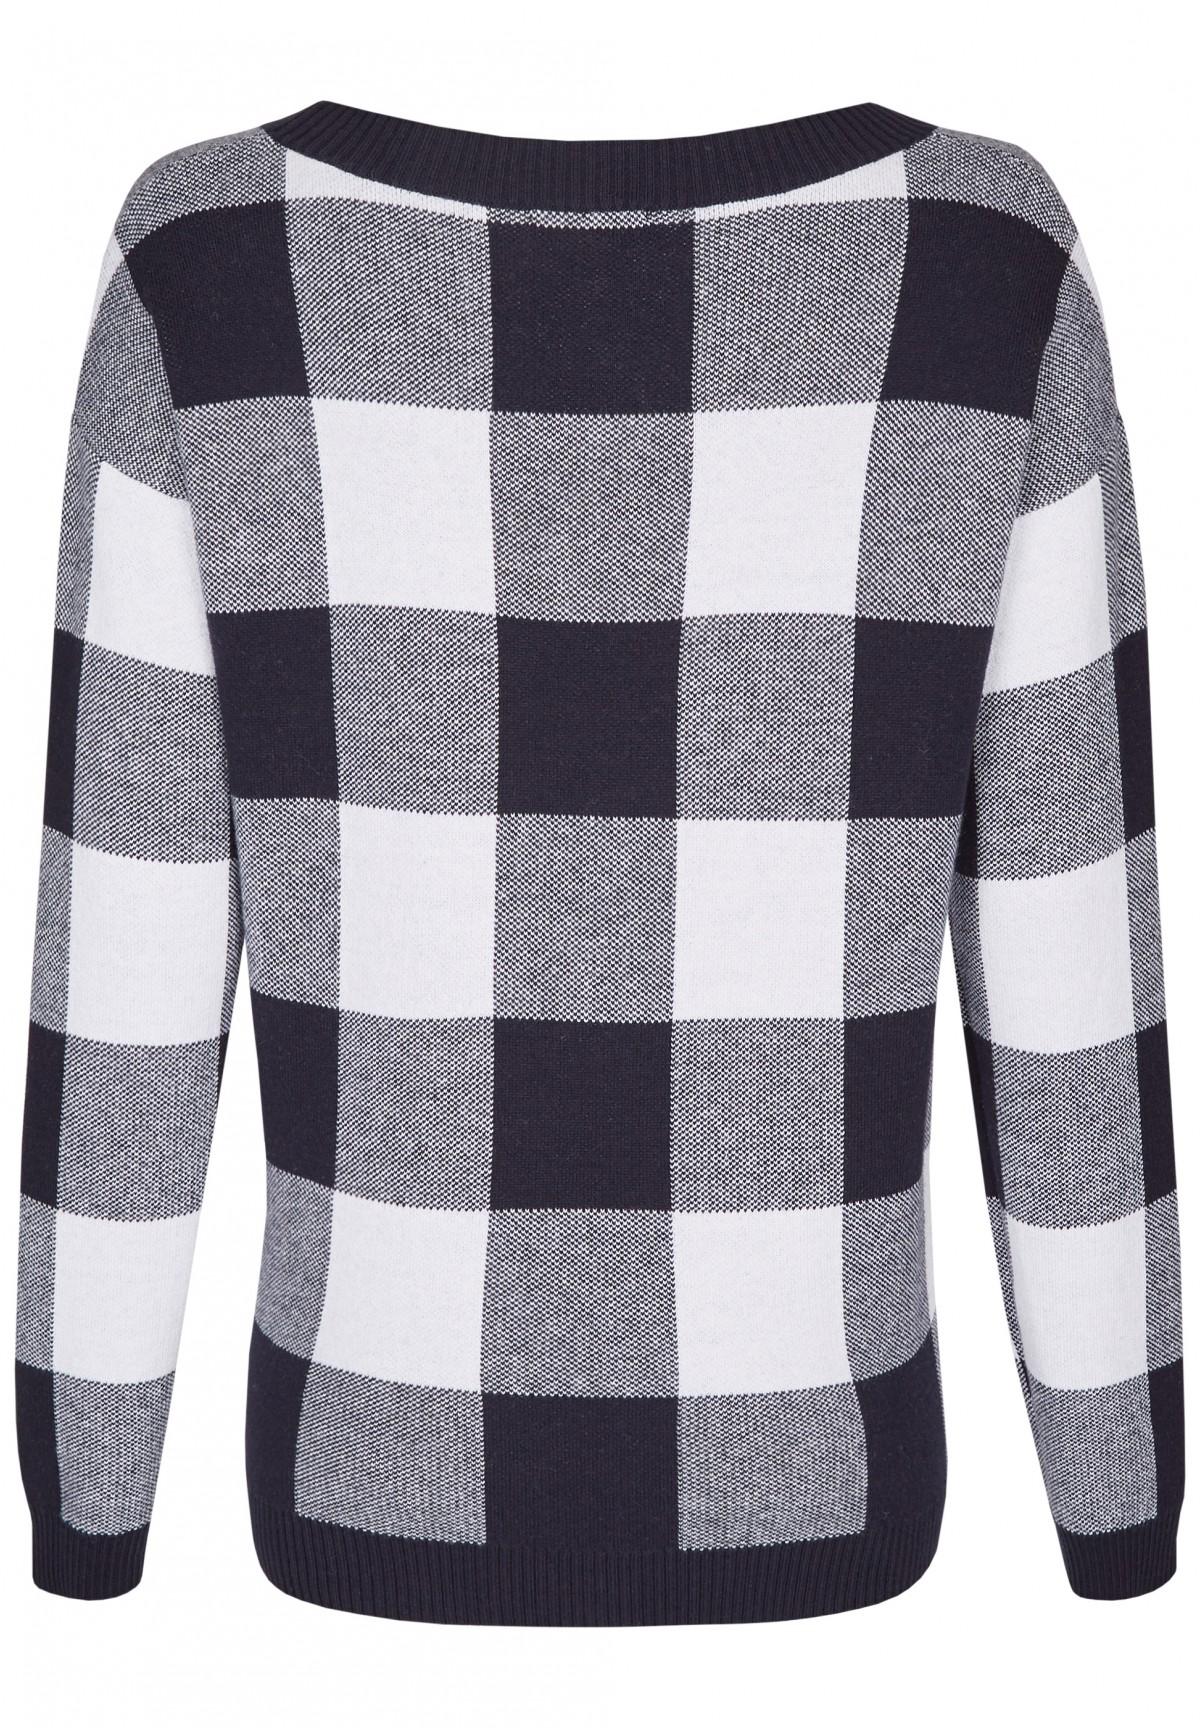 Modischer Pullover / Modischer Pullover